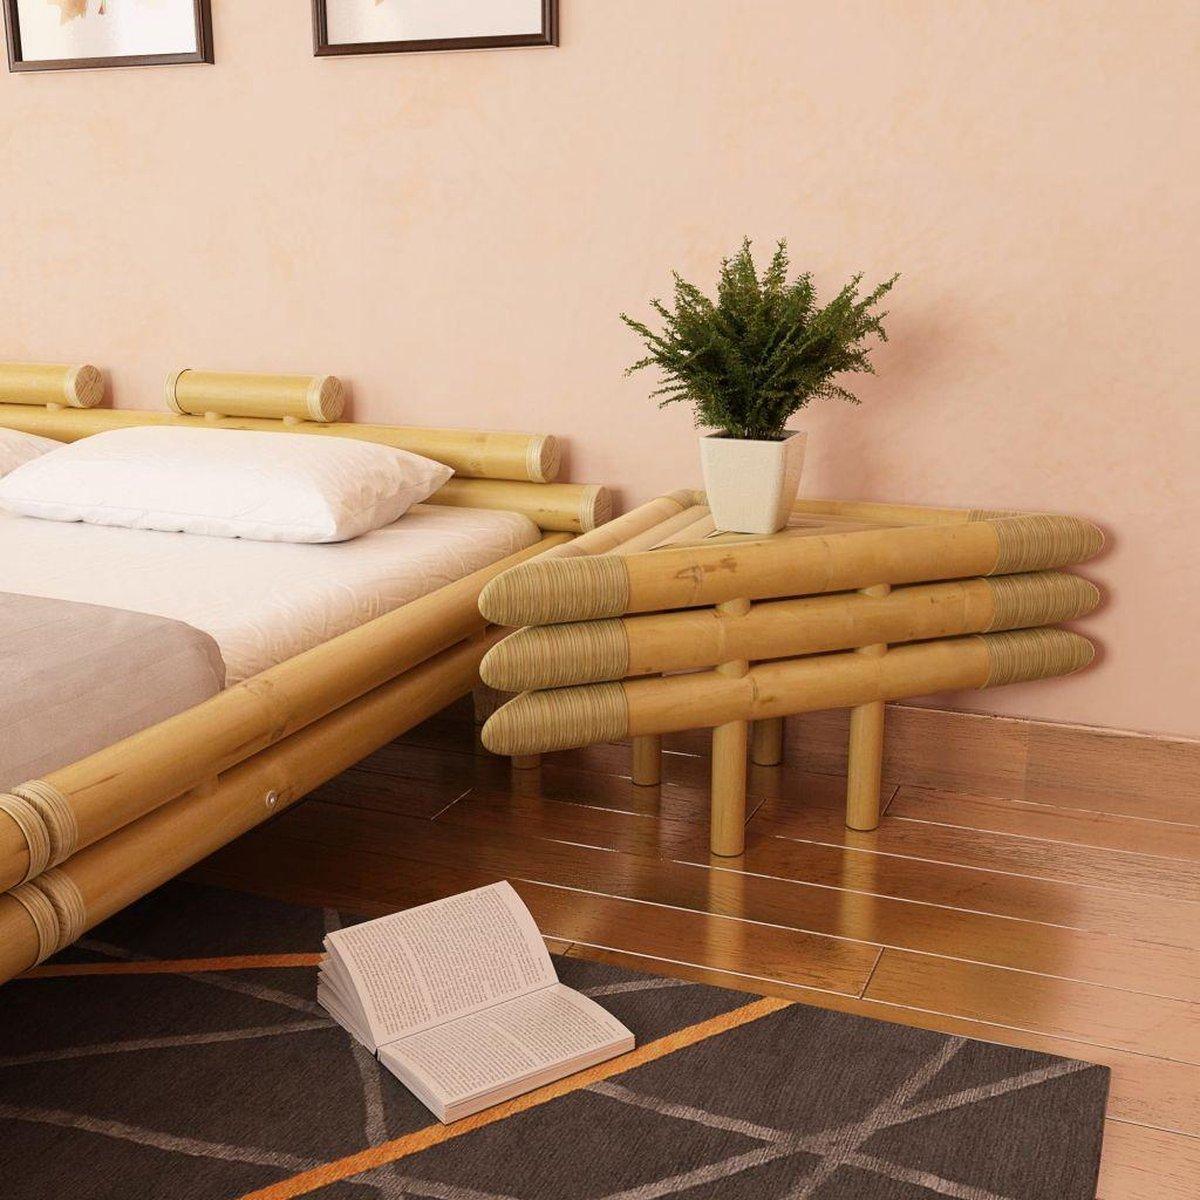 vidaXL Nachtkastjes 60x60x40 cm bamboe natuurlijk 2 st